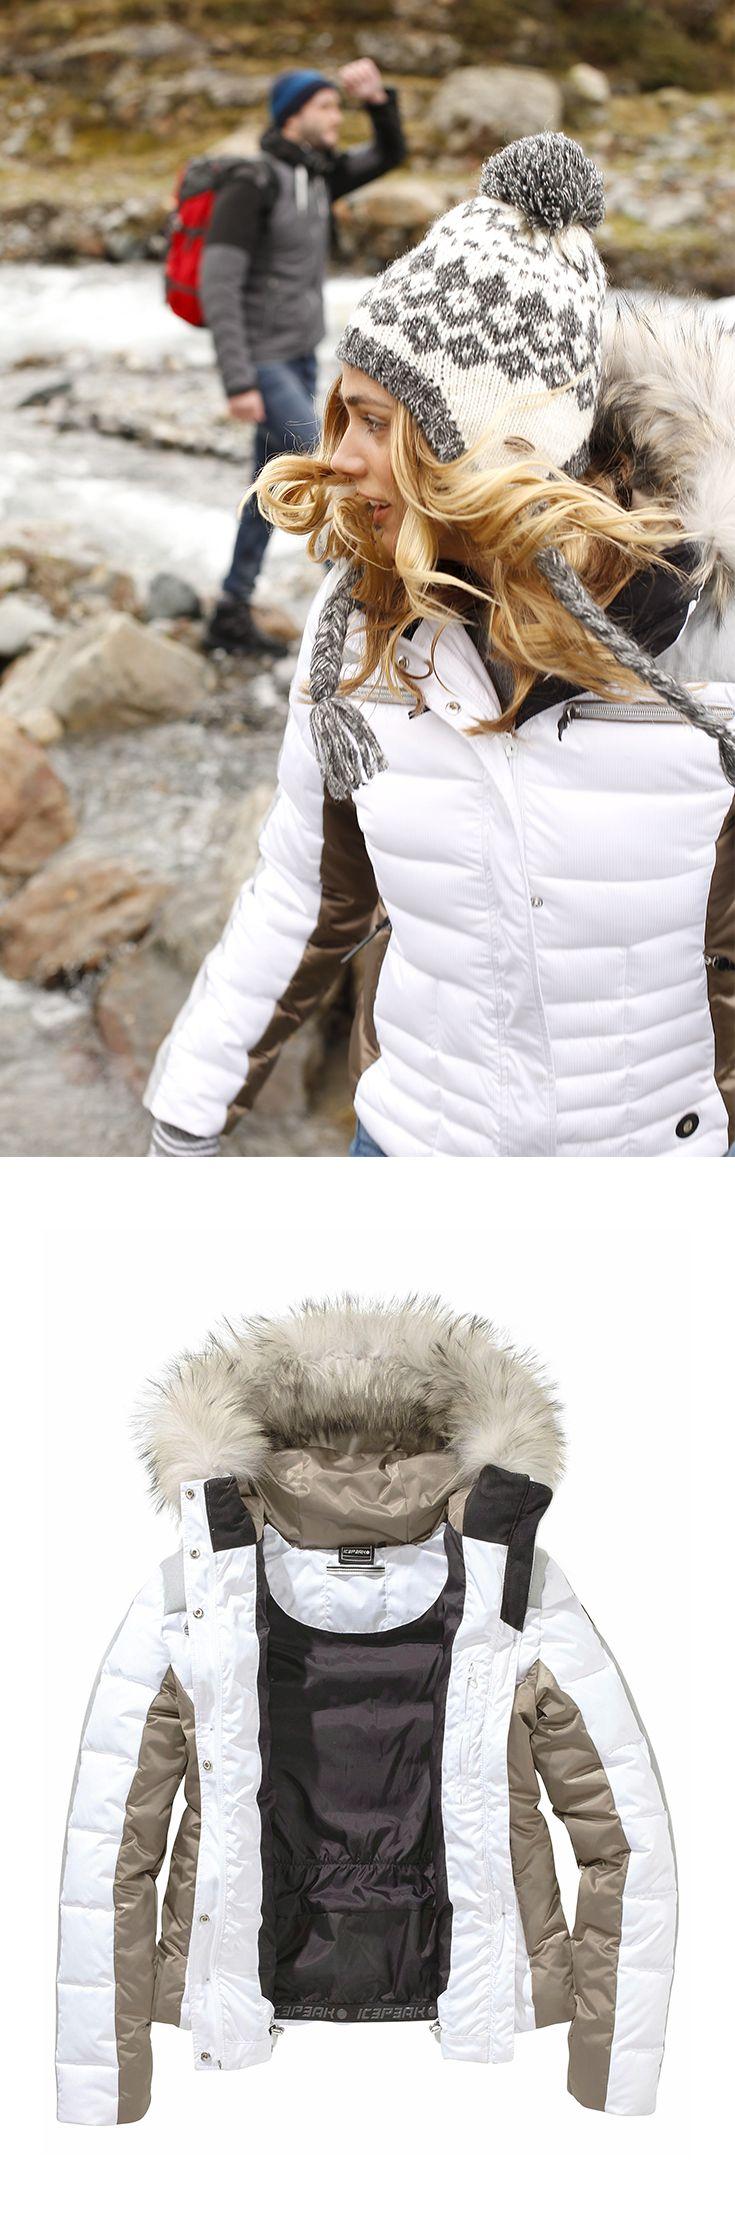 Style meets Skipiste! Mit dieser Skijacke kombinierst du die neuesten Modetrends und eine leicht taillierte Passform mit alle wichtigen Funktionen einer Skijacke: Integriertem Schneefang, Wind- und Wasserdichtheit sowie einem atmungsaktiv-wärmenden Material.